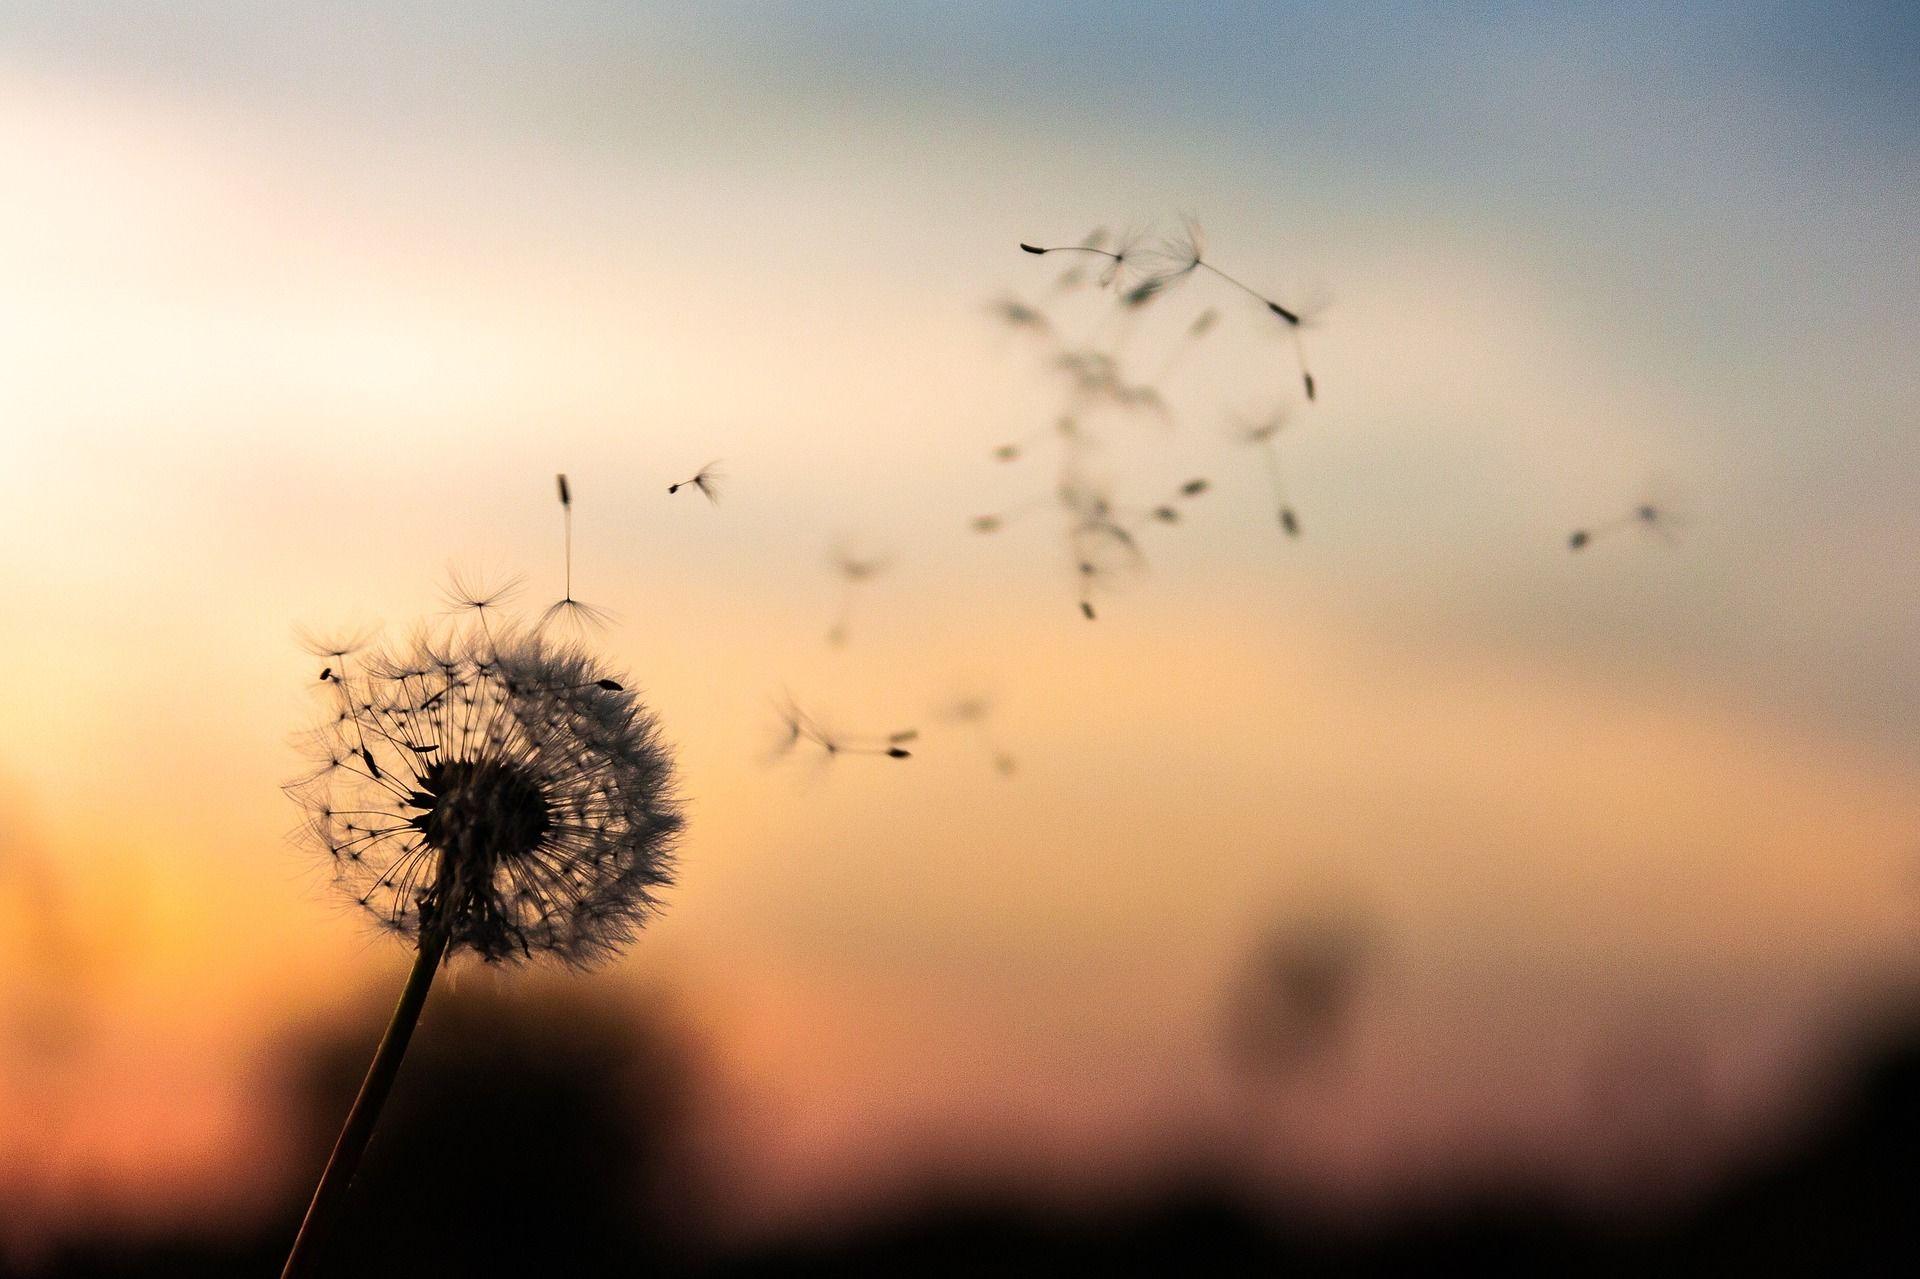 Di Balik Keindahannya Ini 4 Makna Bunga Dandelion Yang Menyentuh Hati